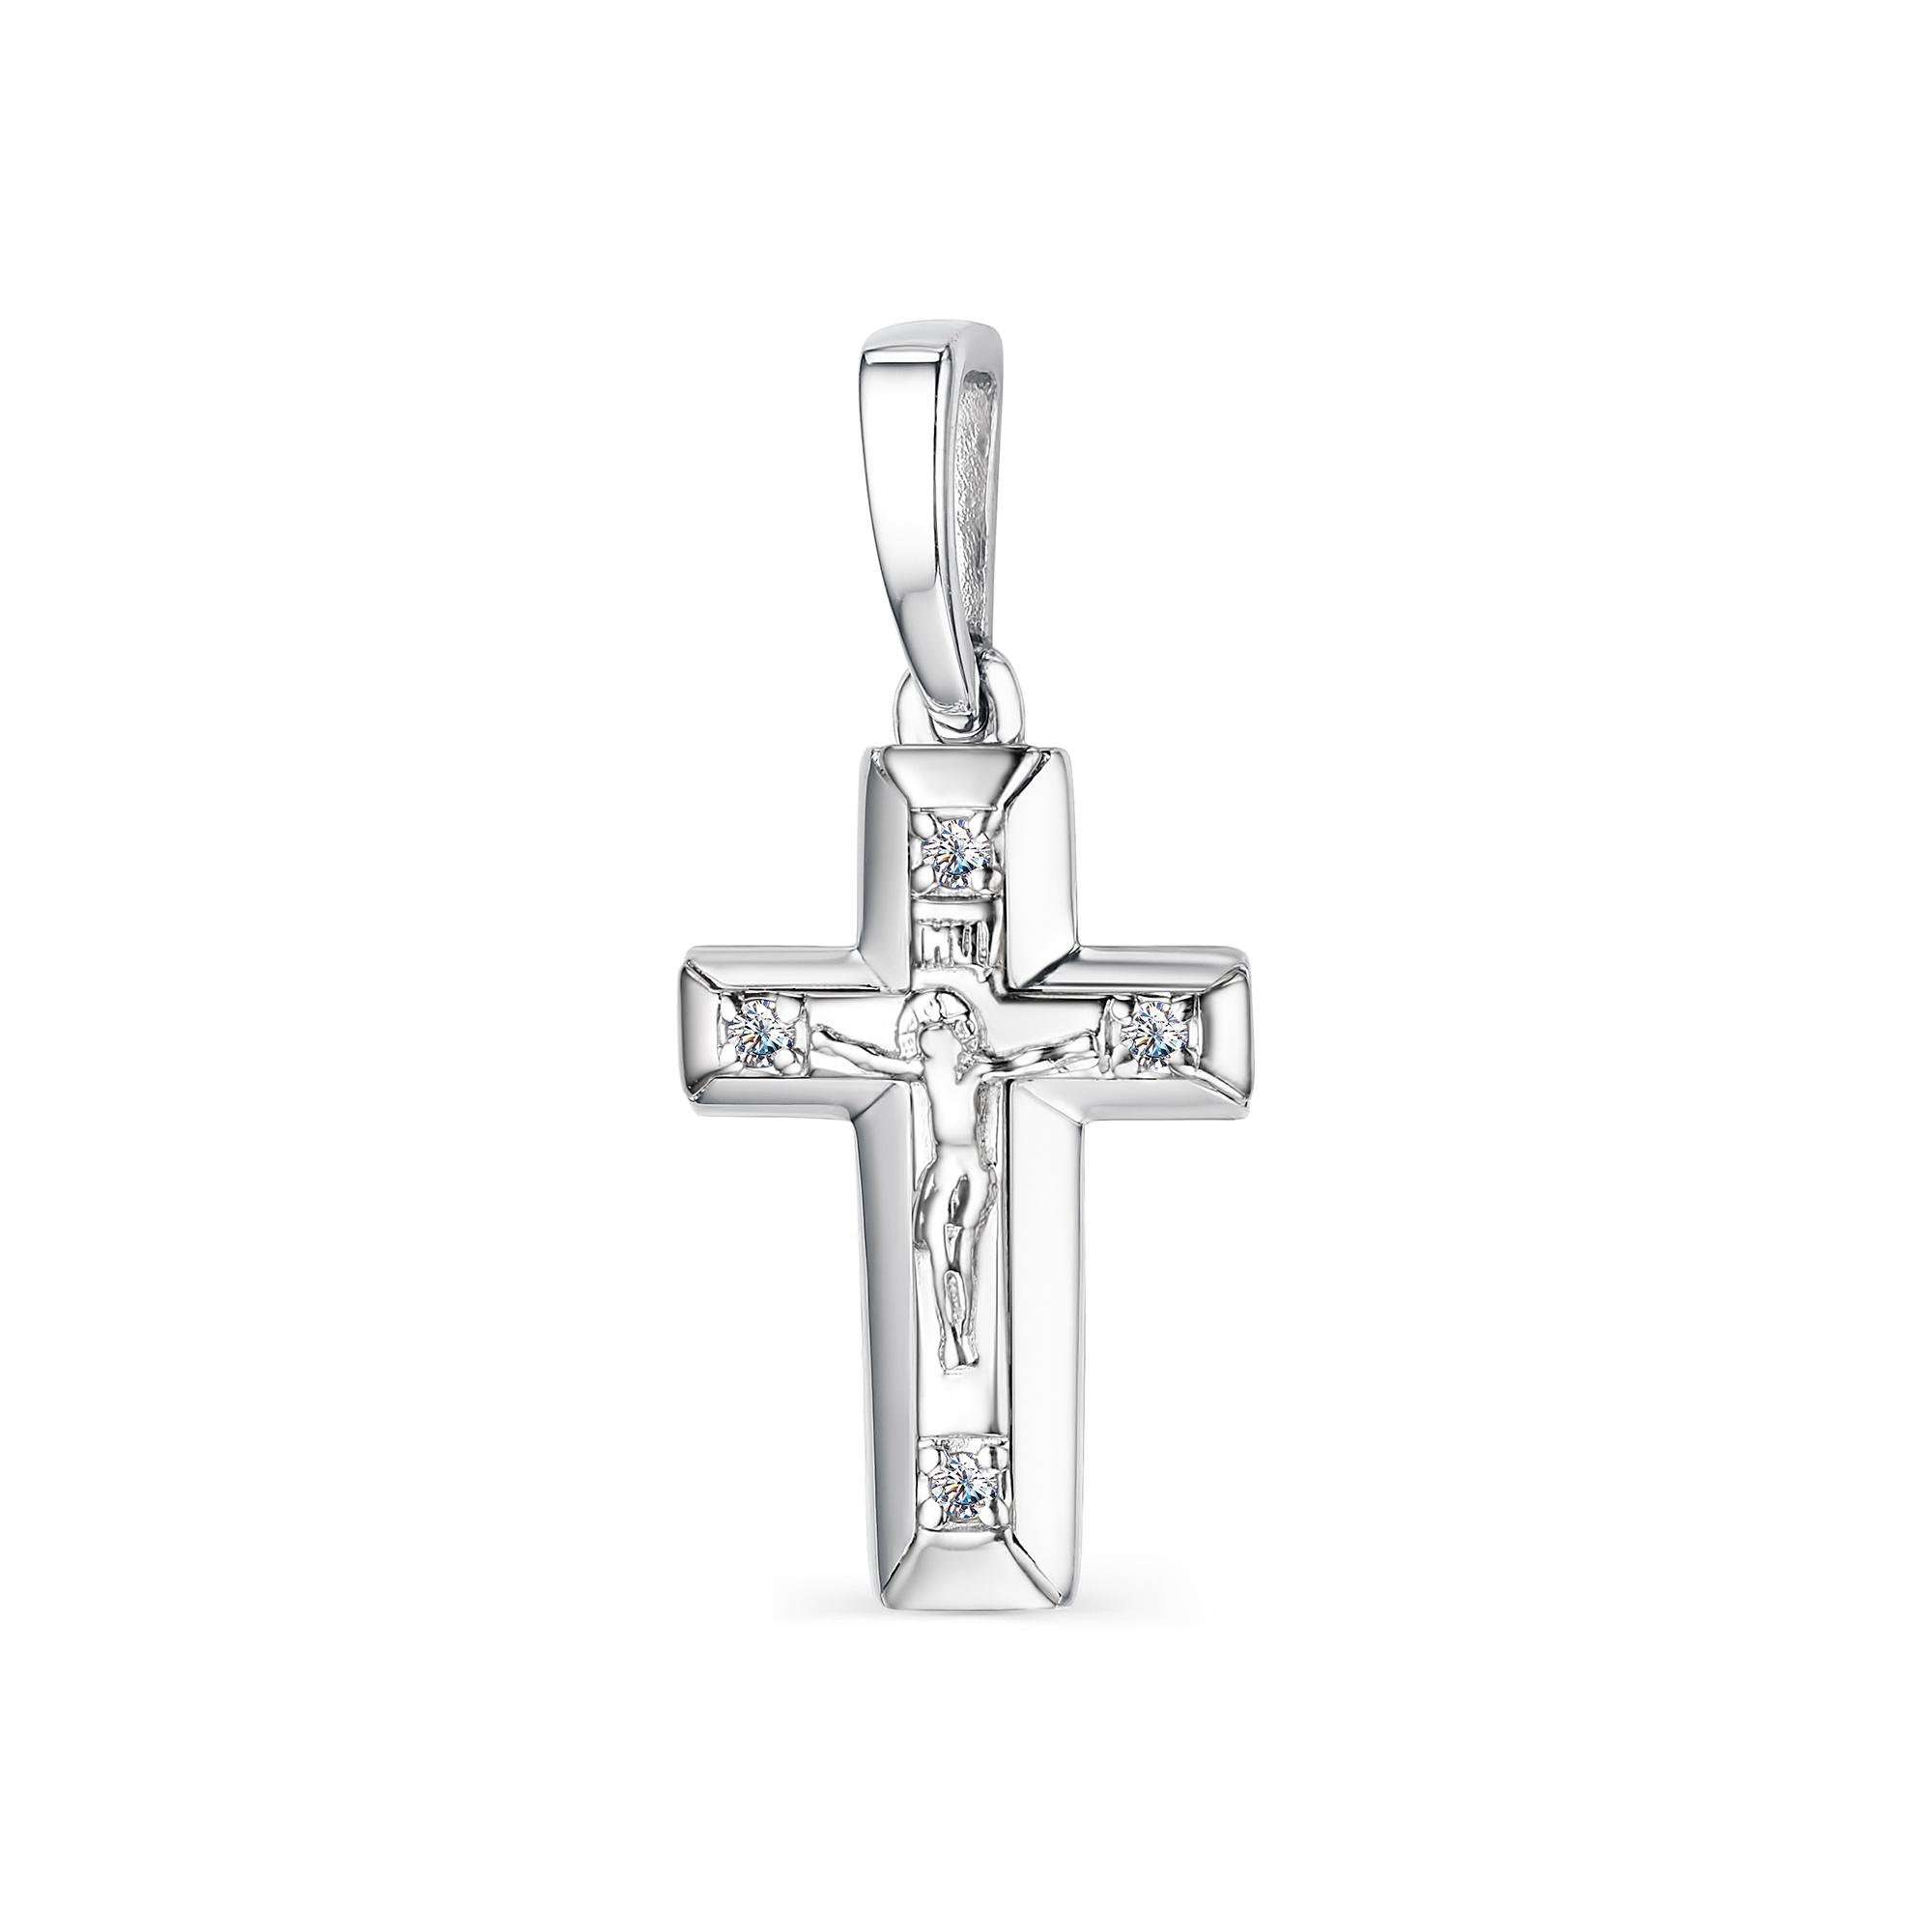 Крест из лимонного золота с бриллиантом арт. 33844-300 33844-300